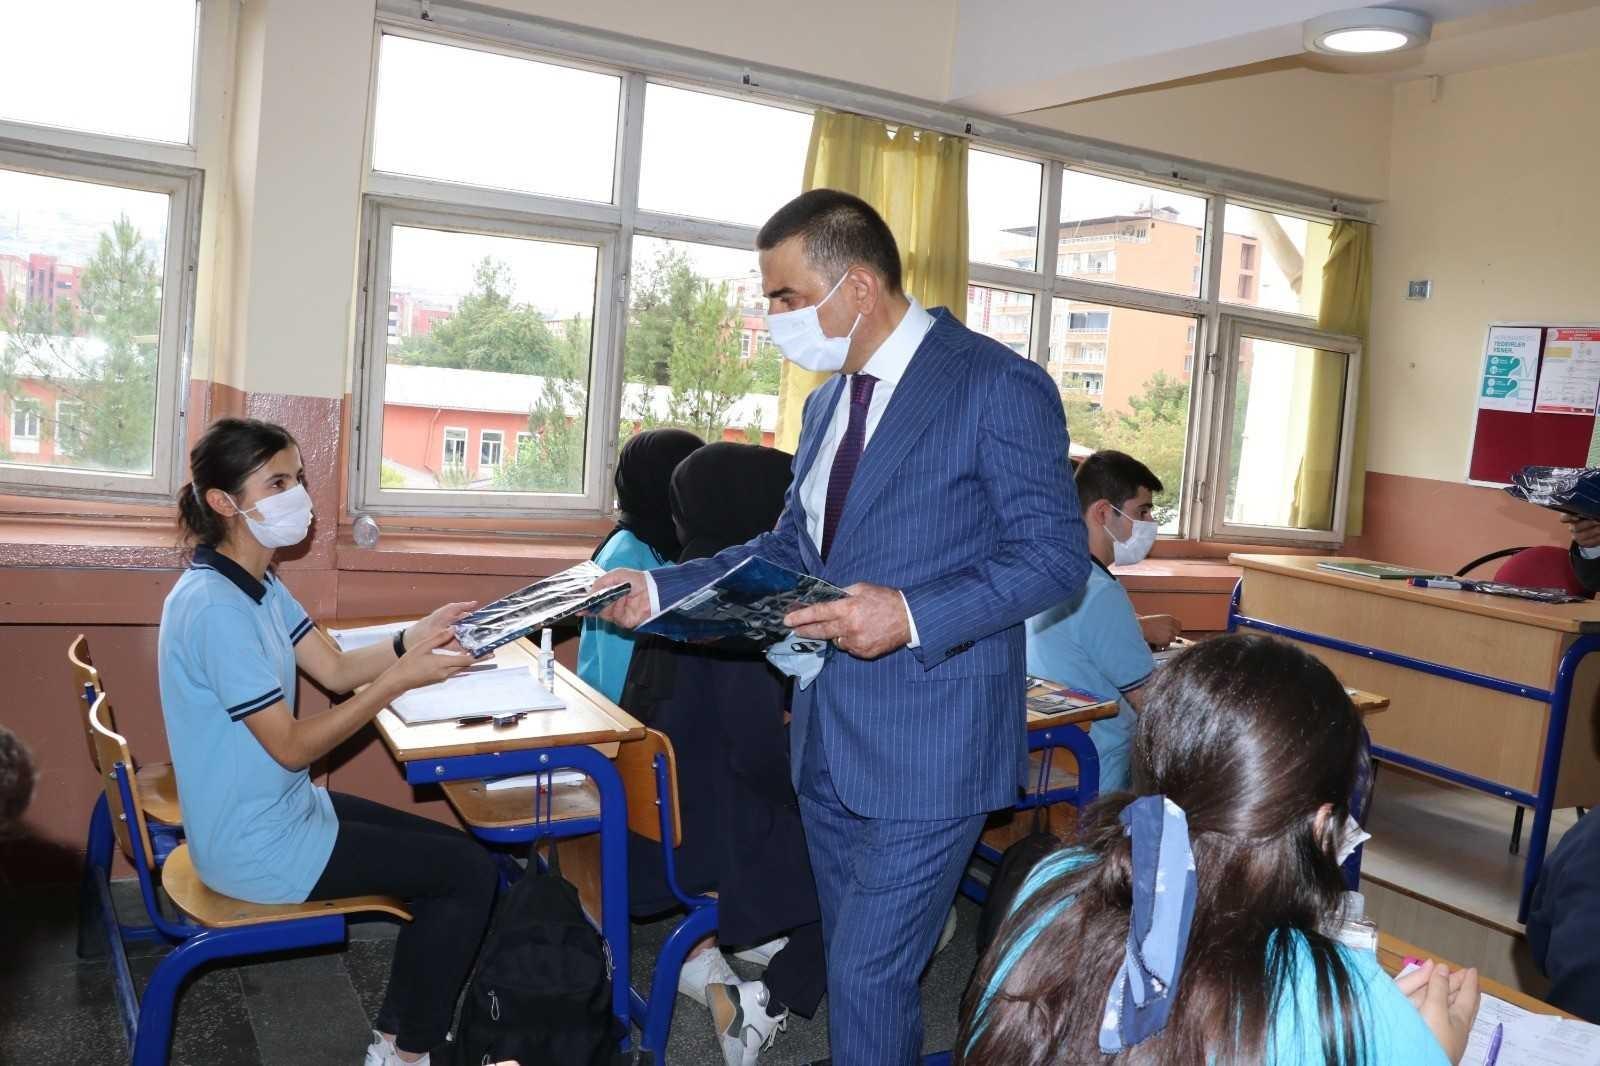 Siirt Valisi Hacıbektaşoğlu öğretmen ve öğrencilerle bir araya geldi